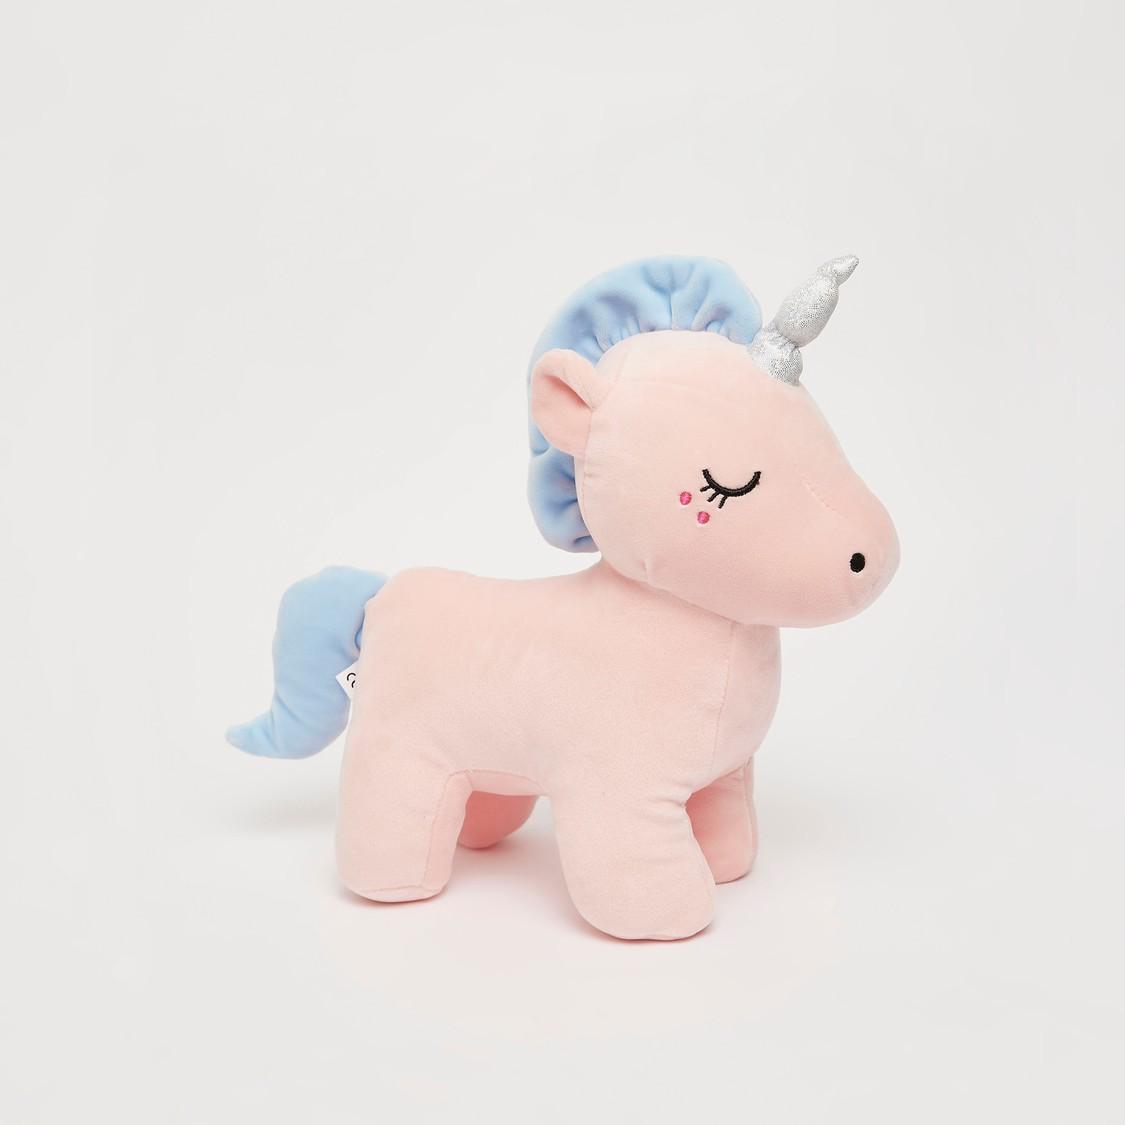 Unicorn Shaped Soft Toy